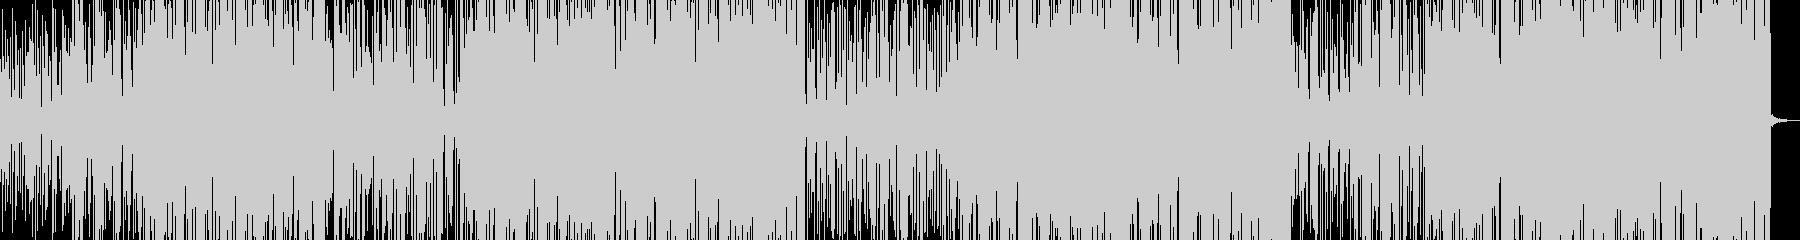 アコギ トラップ EDMの未再生の波形